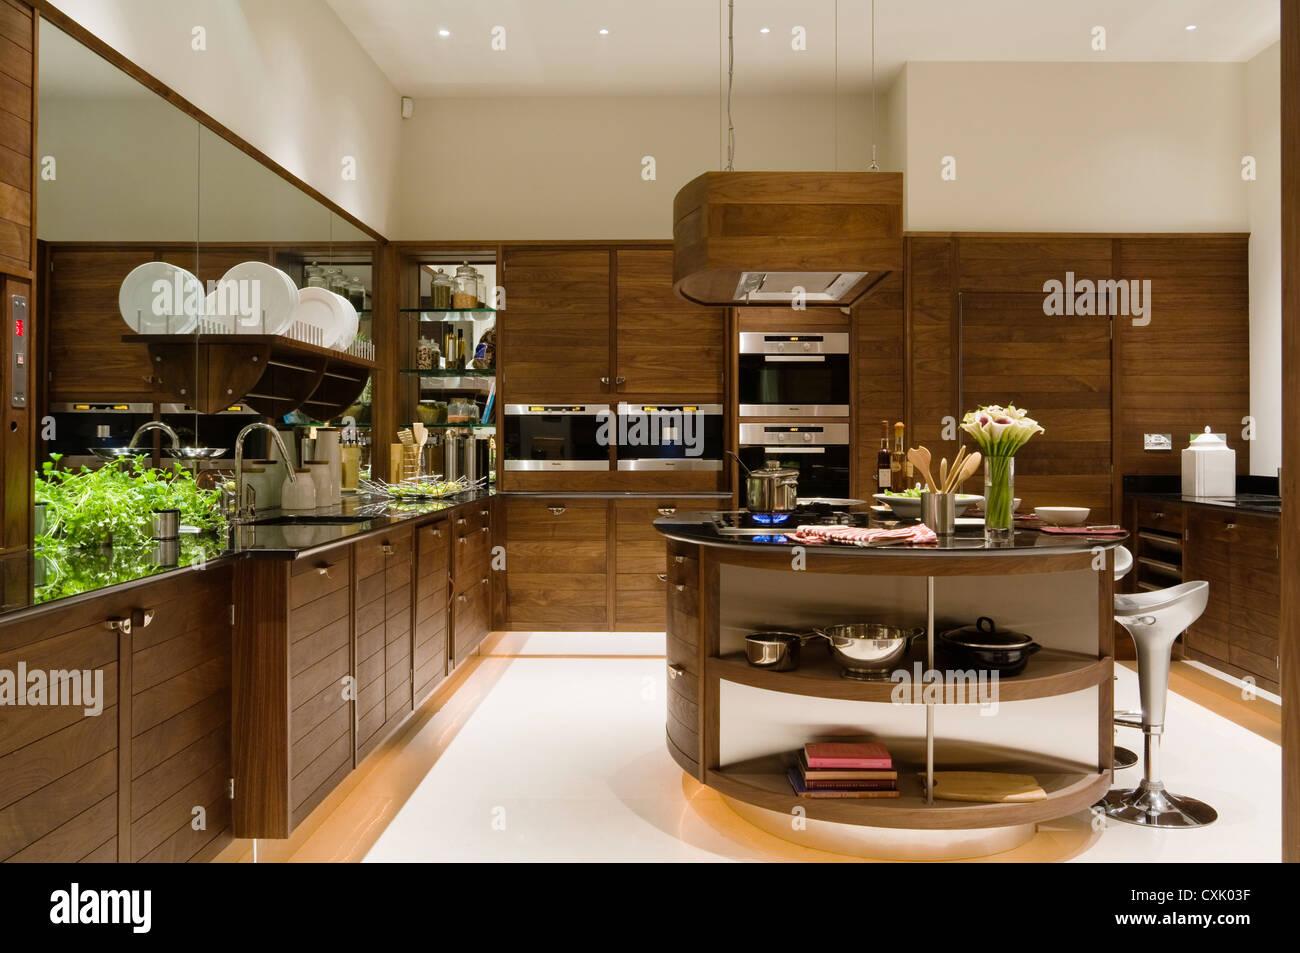 Farbe innen Küche Schrank Platte Arbeitsplatte aus Holz Tellerhalter ...